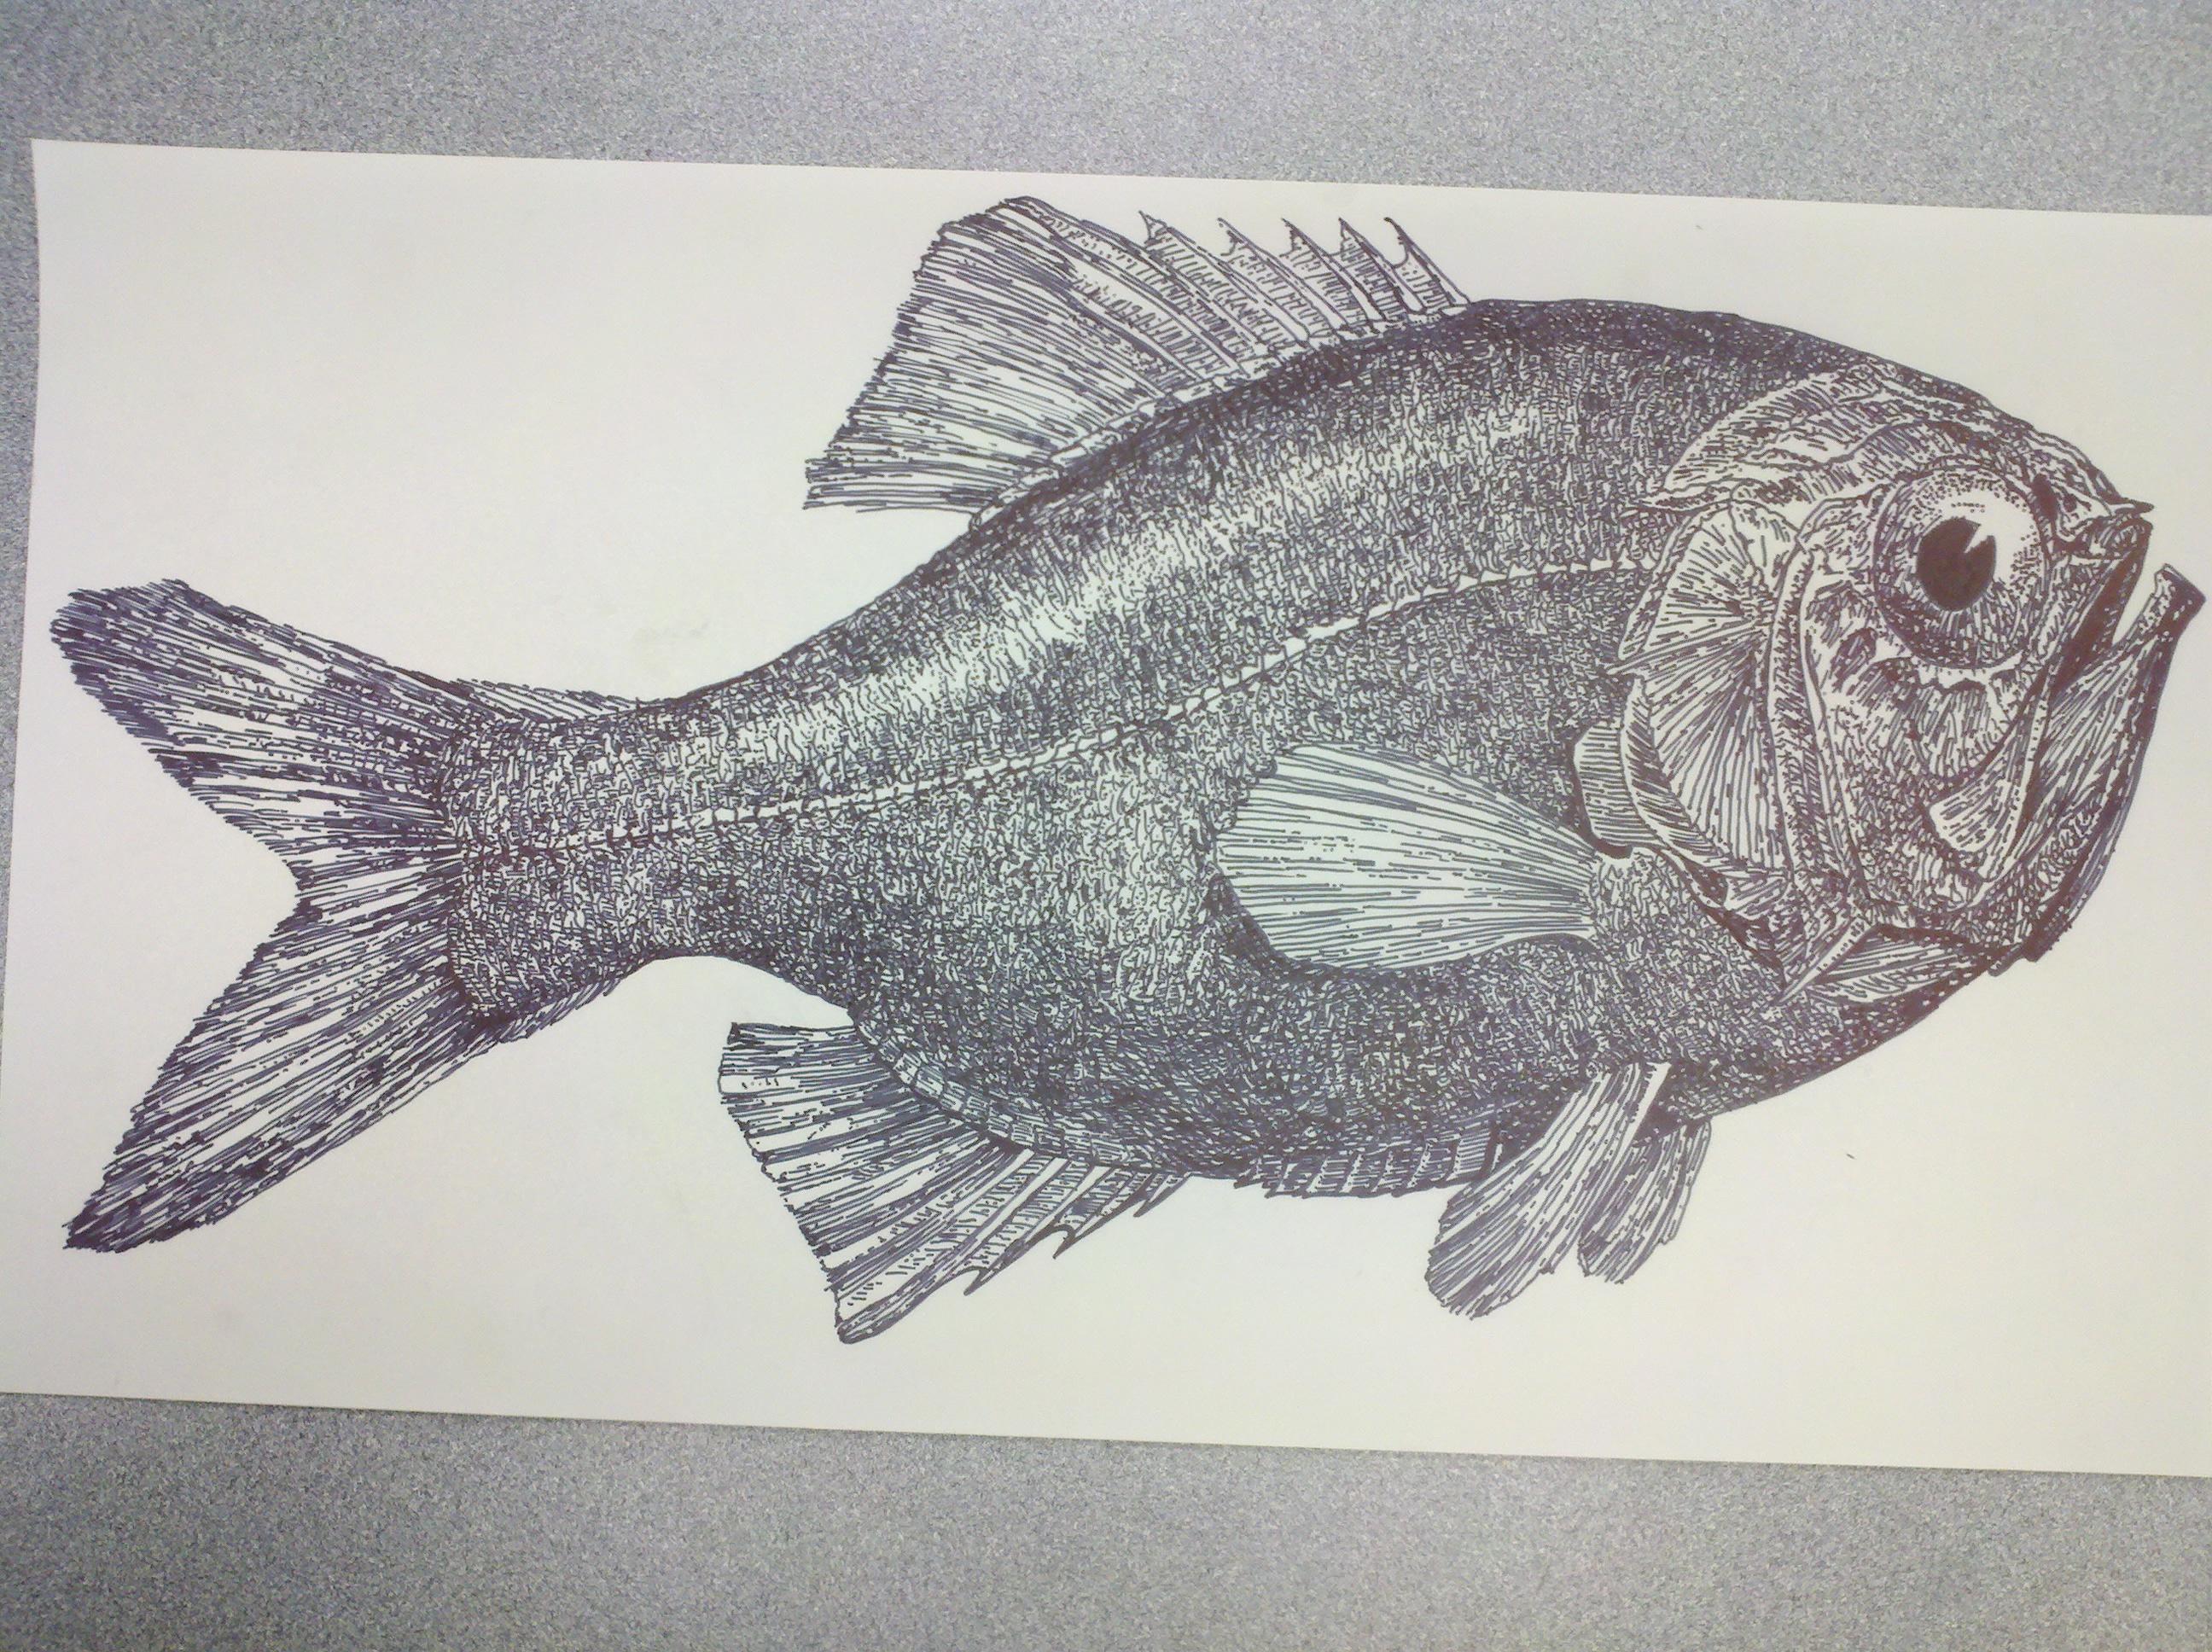 Melt Fish